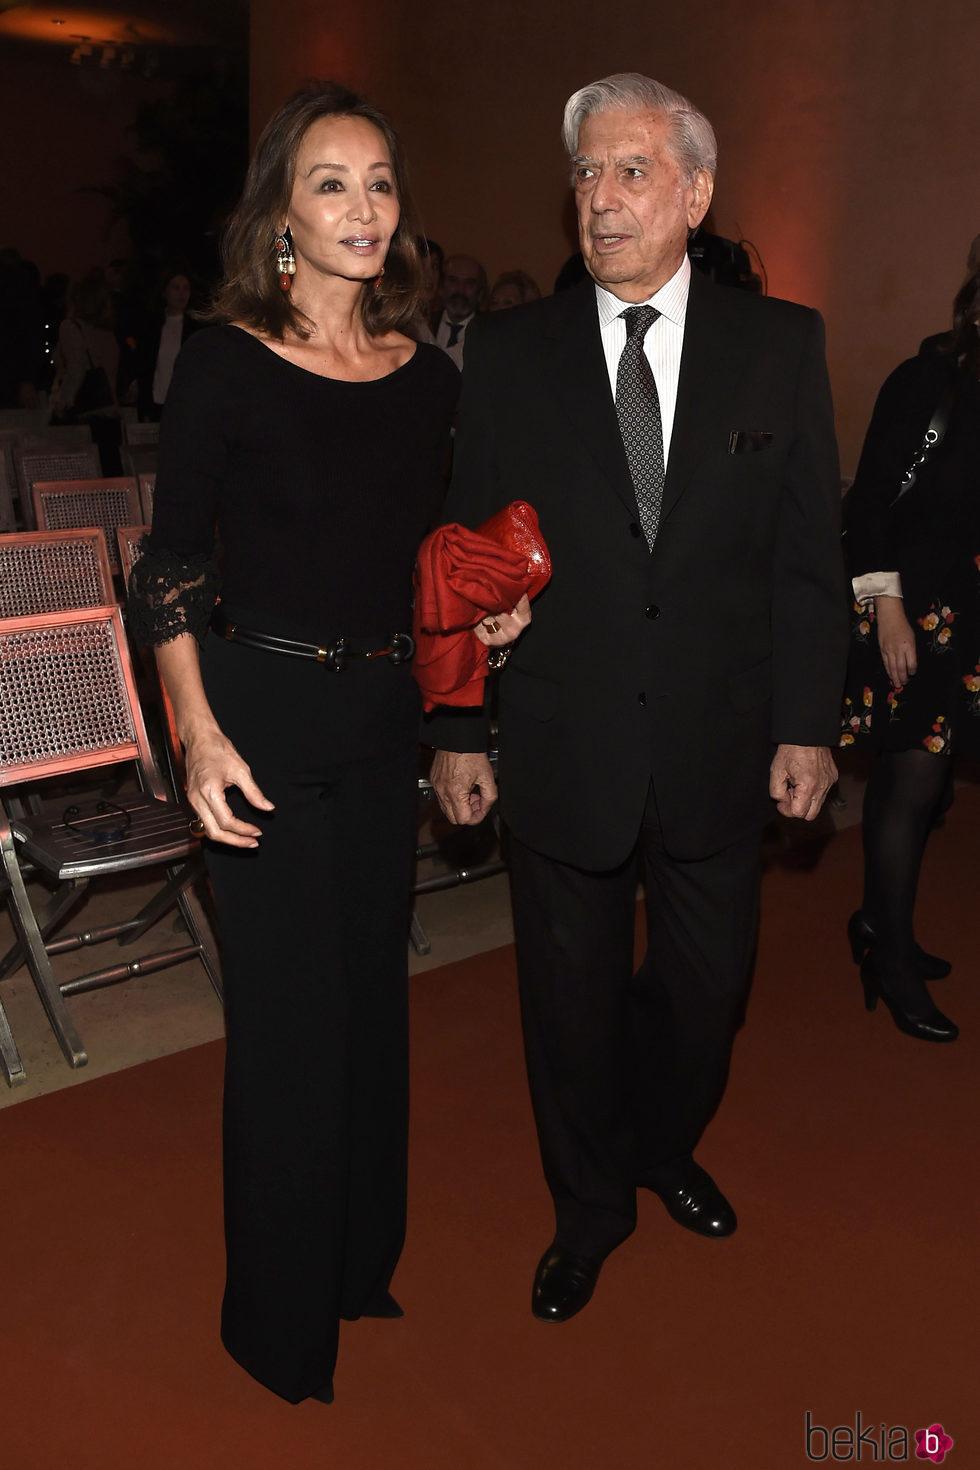 Isabel Preysler y Mario Vargas Llosa en la celebración del 25 aniversario del Museo Thyssen Bornemisza